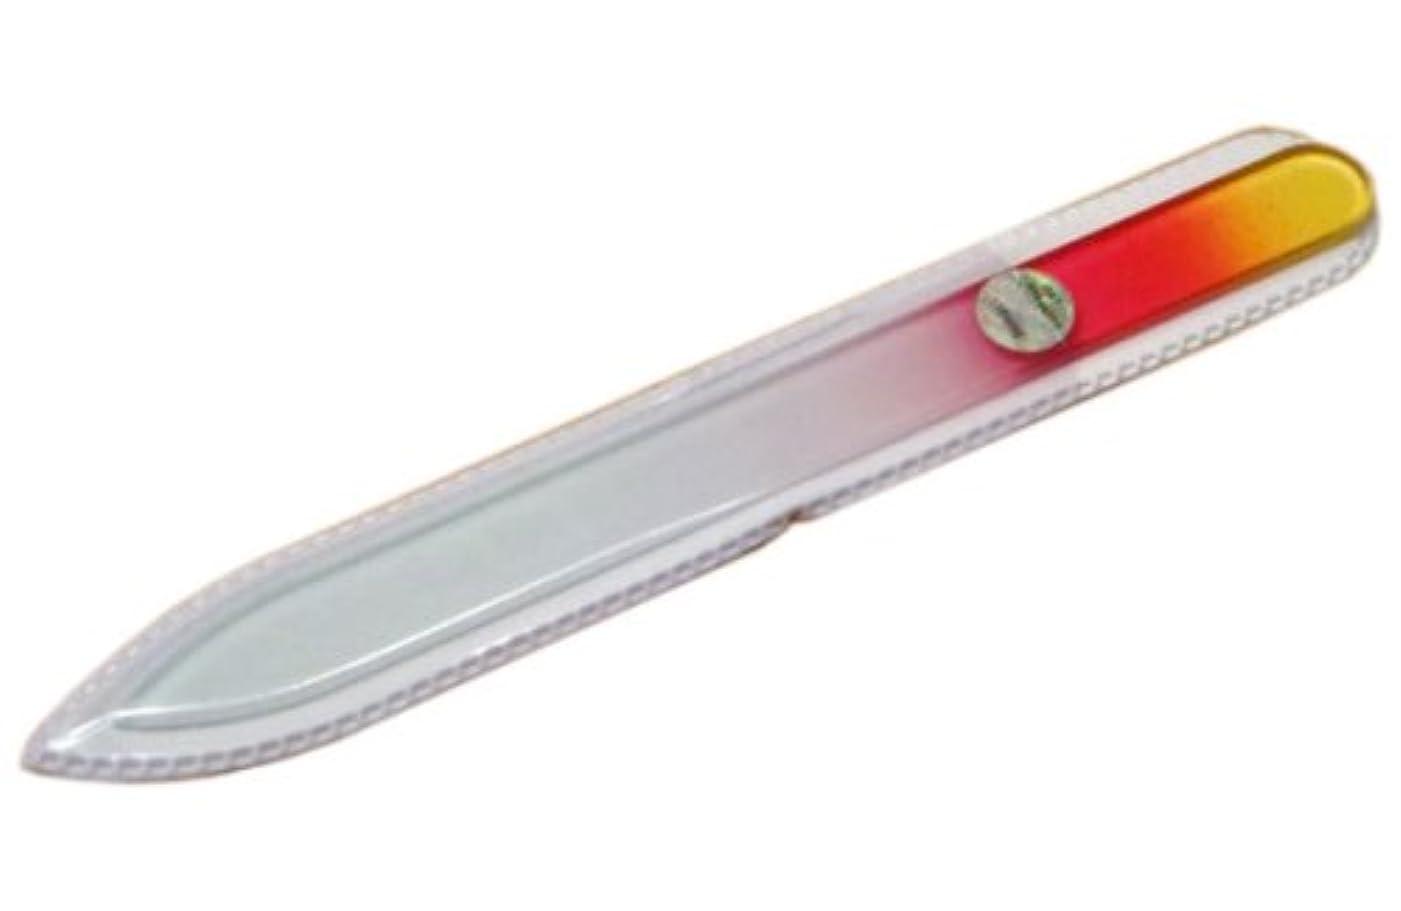 ビジョンディスカウントコンチネンタルブラジェク ガラス爪やすり 140mm 片面タイプ(オレンジグラデーション #01)